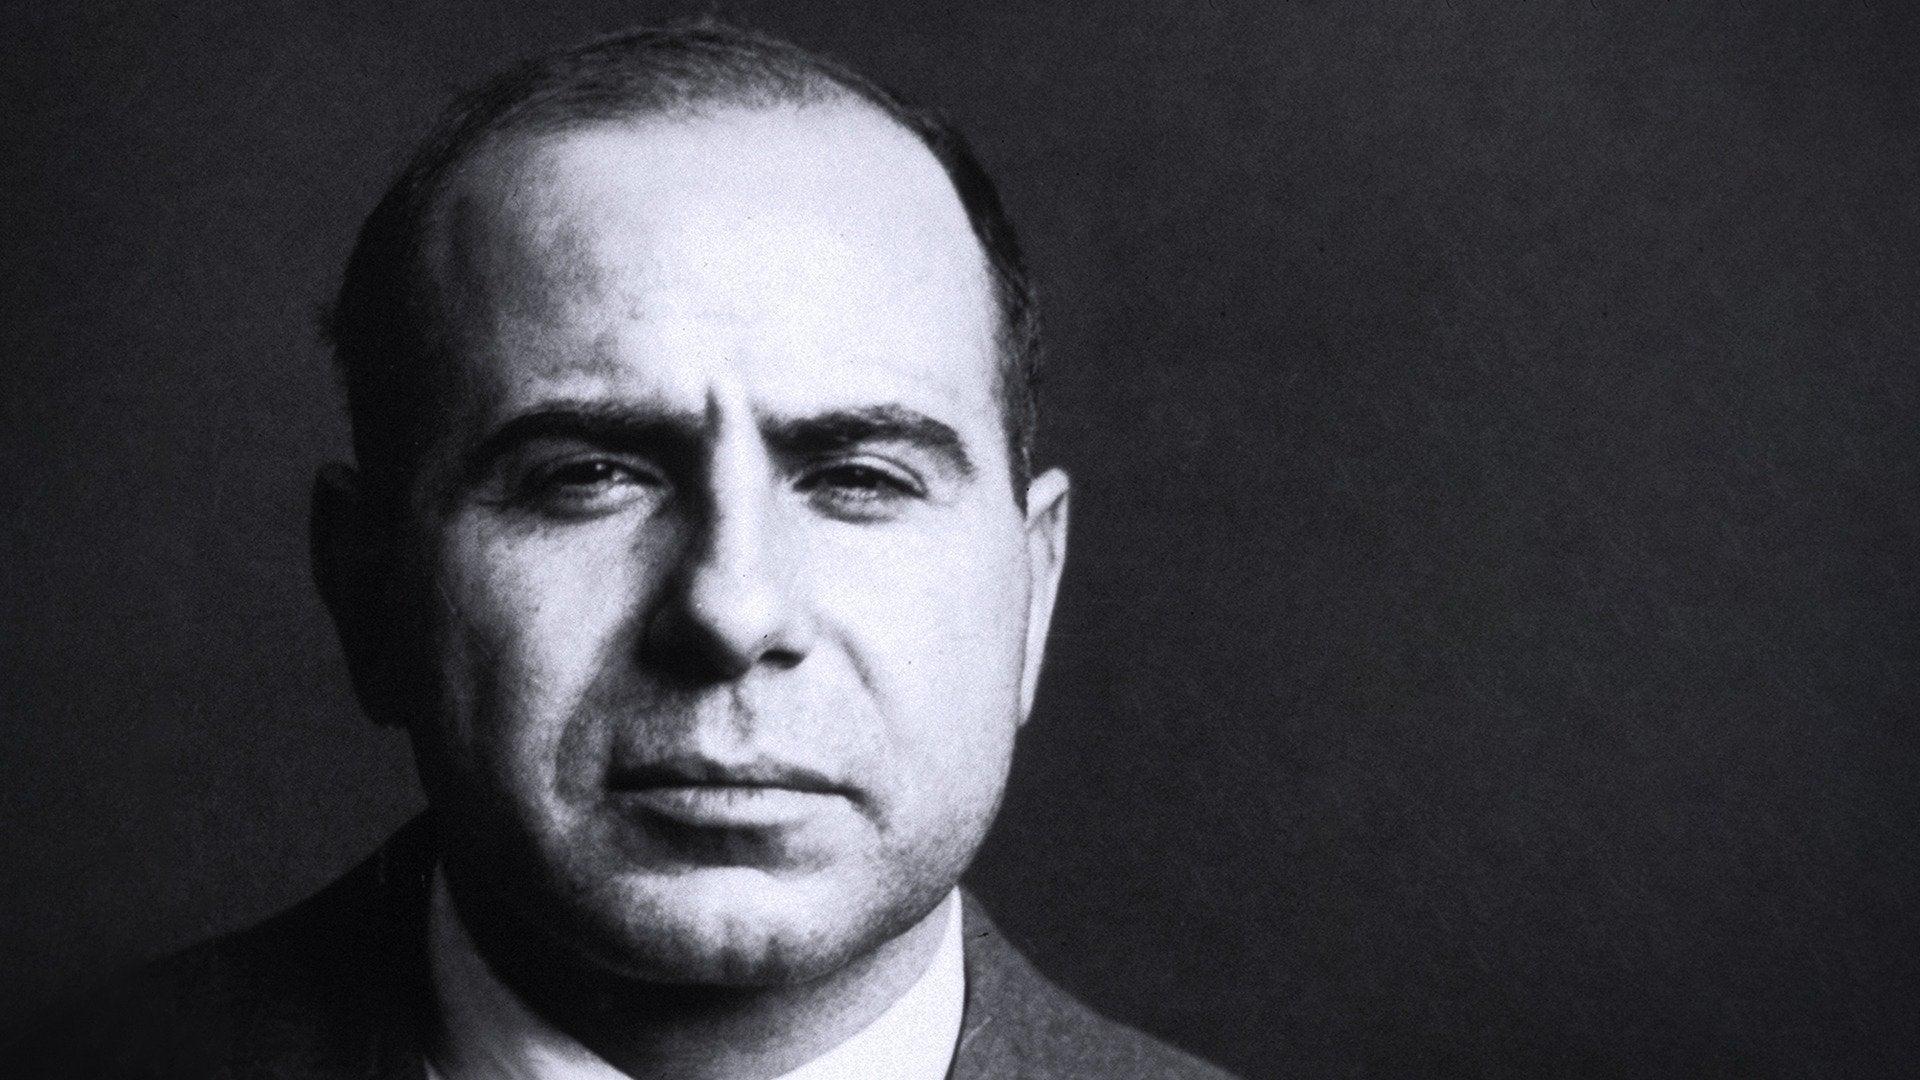 Mafia Drug King: Carmine Galante